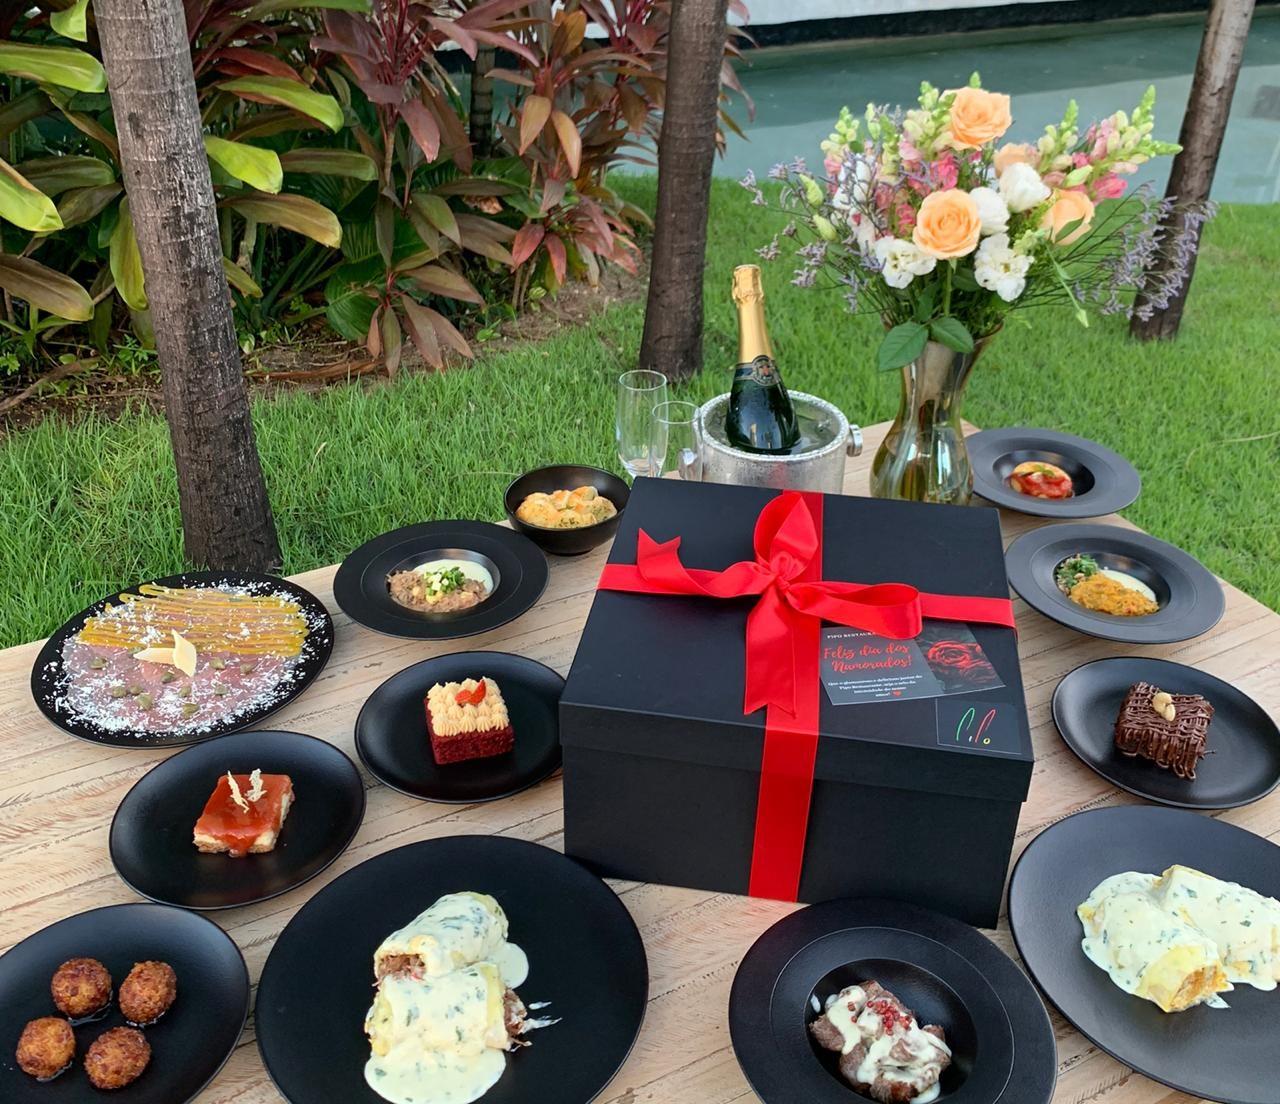 Que tal surpreender neste Dia das Mães com a experiência do Pipo Restaurante em casa? Vem saber!